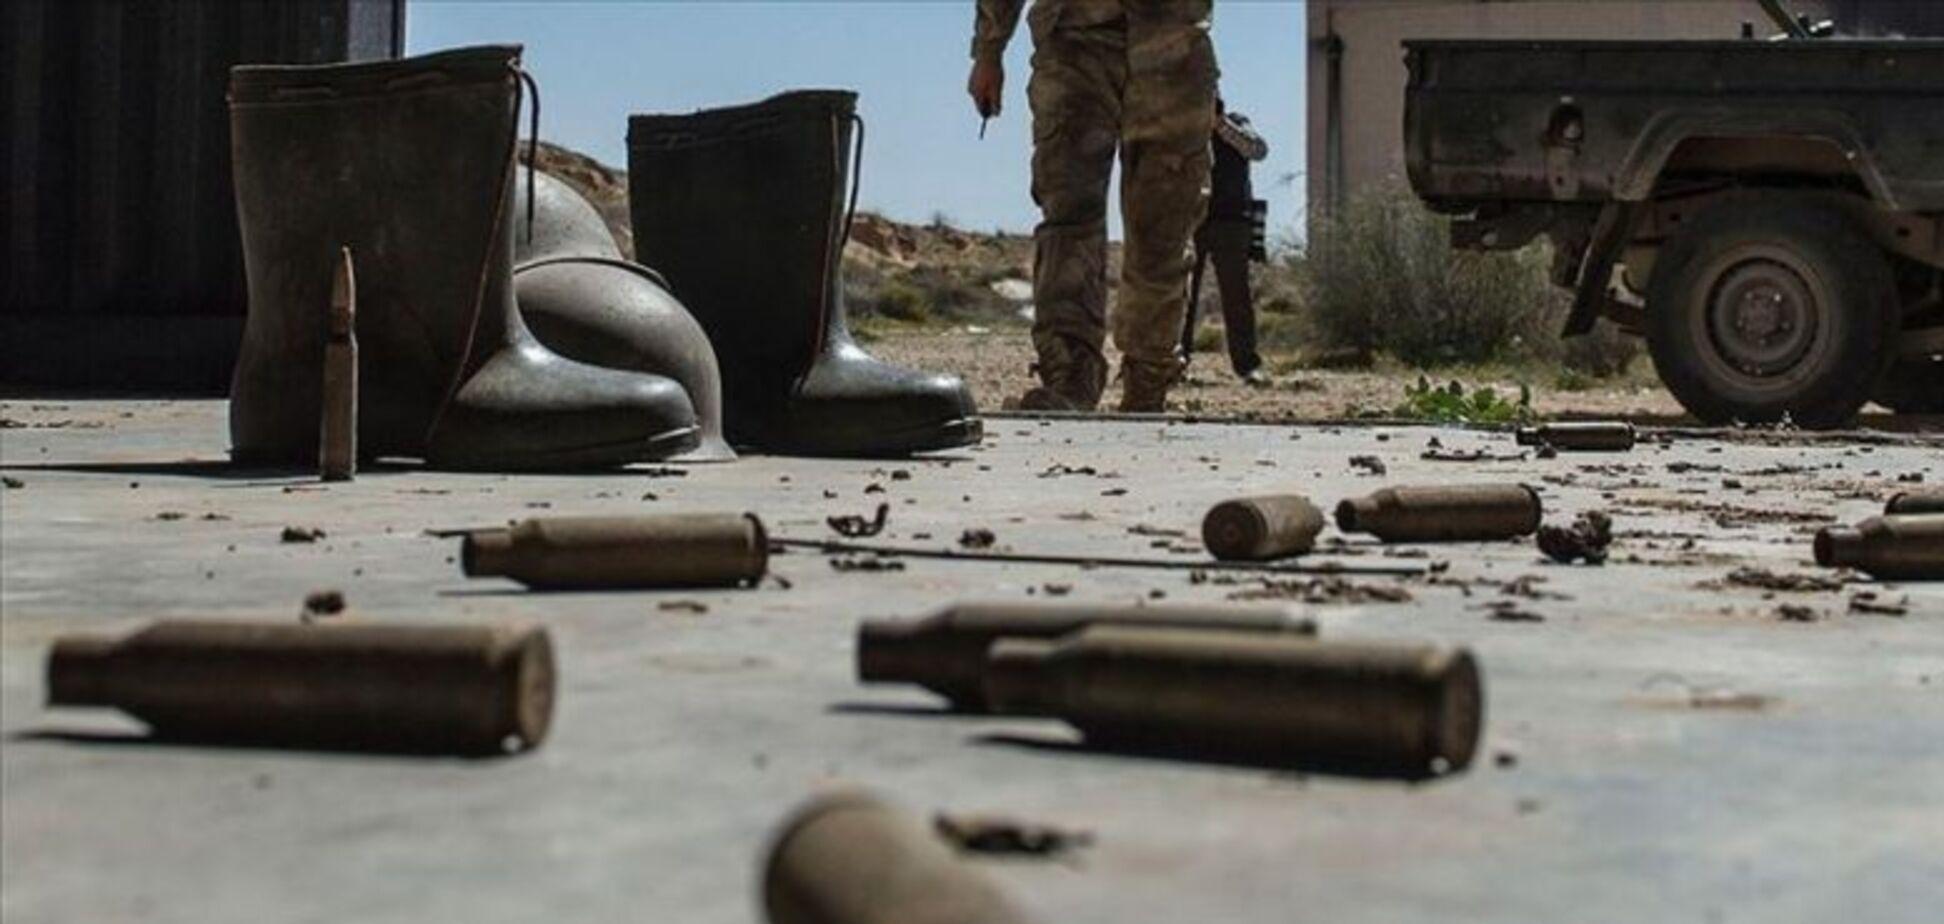 Турецкие дроны устроили 'карантин' группировке Вагнера в Ливии